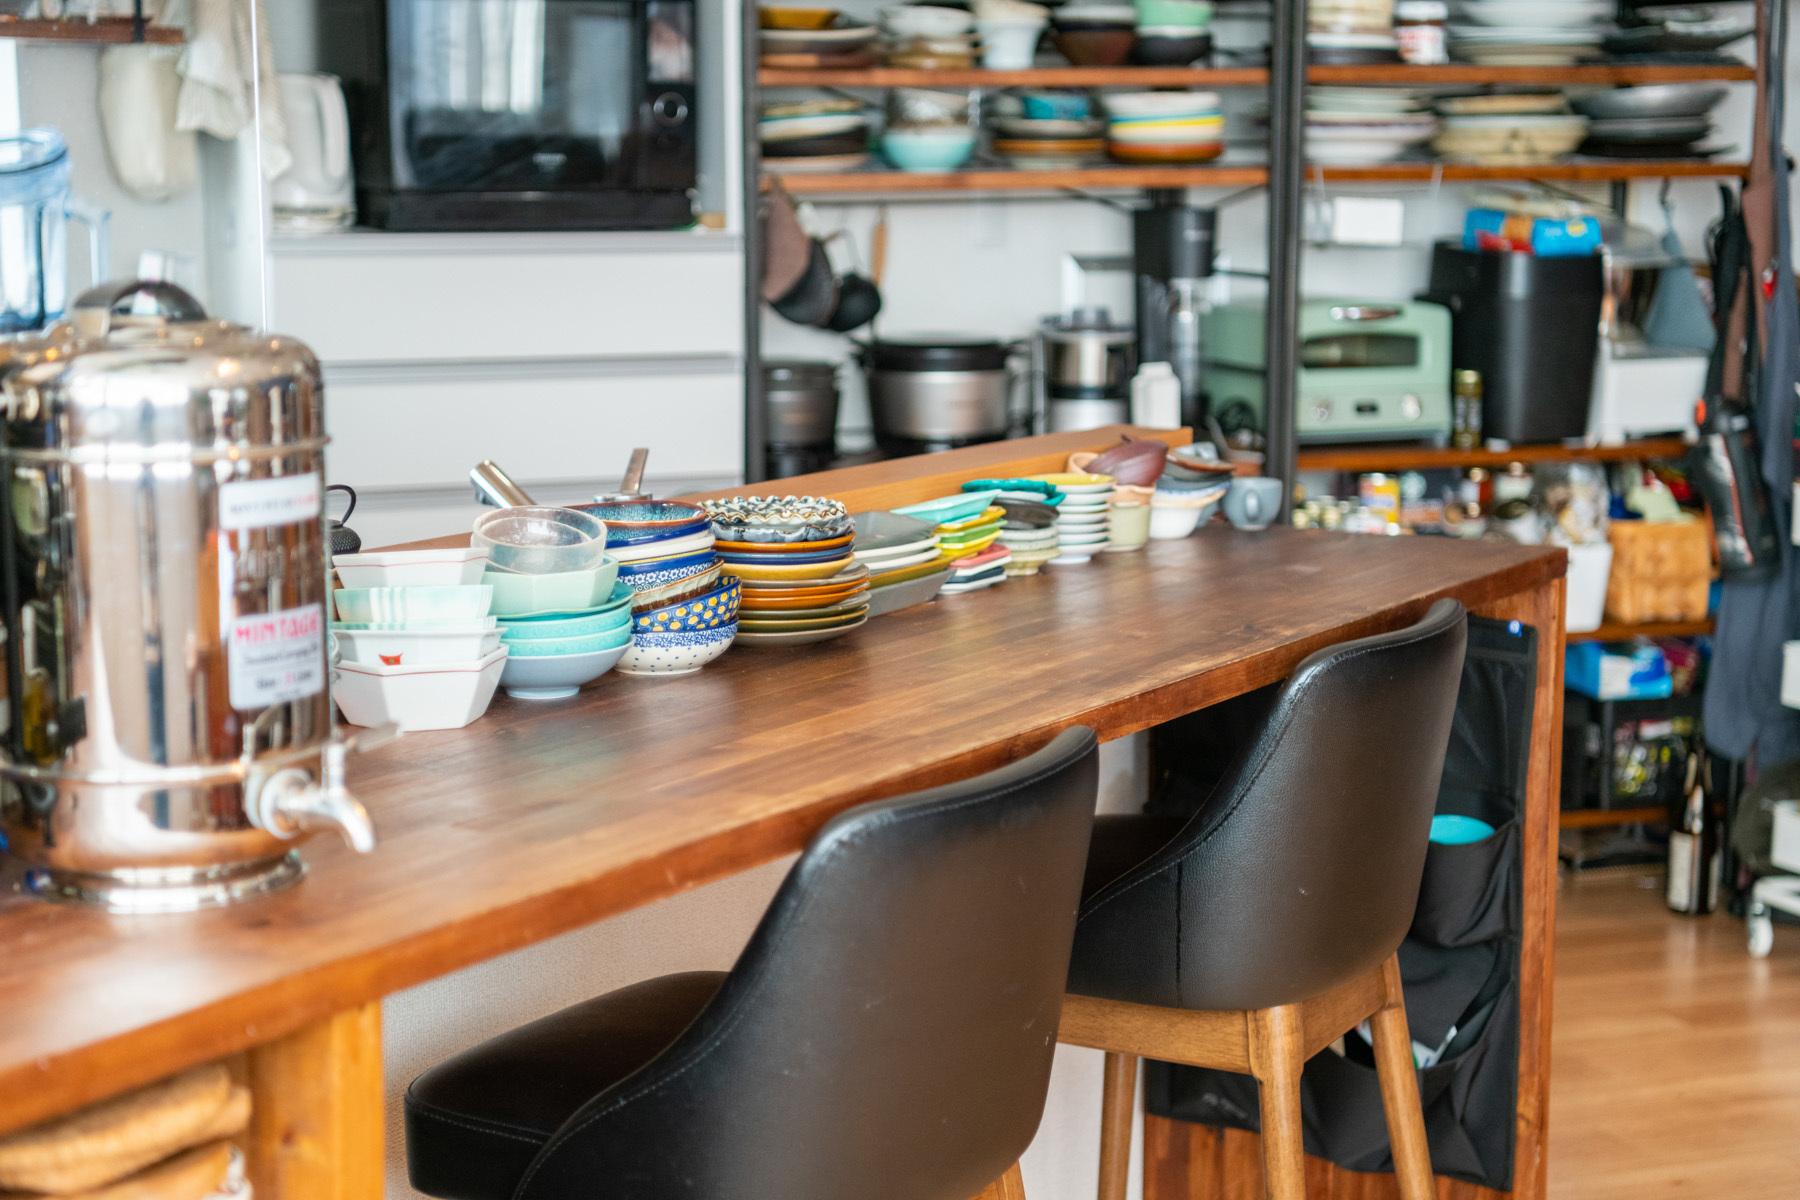 Home学芸大学 (Studio Licorneマネージメントスペース)5F キッチン